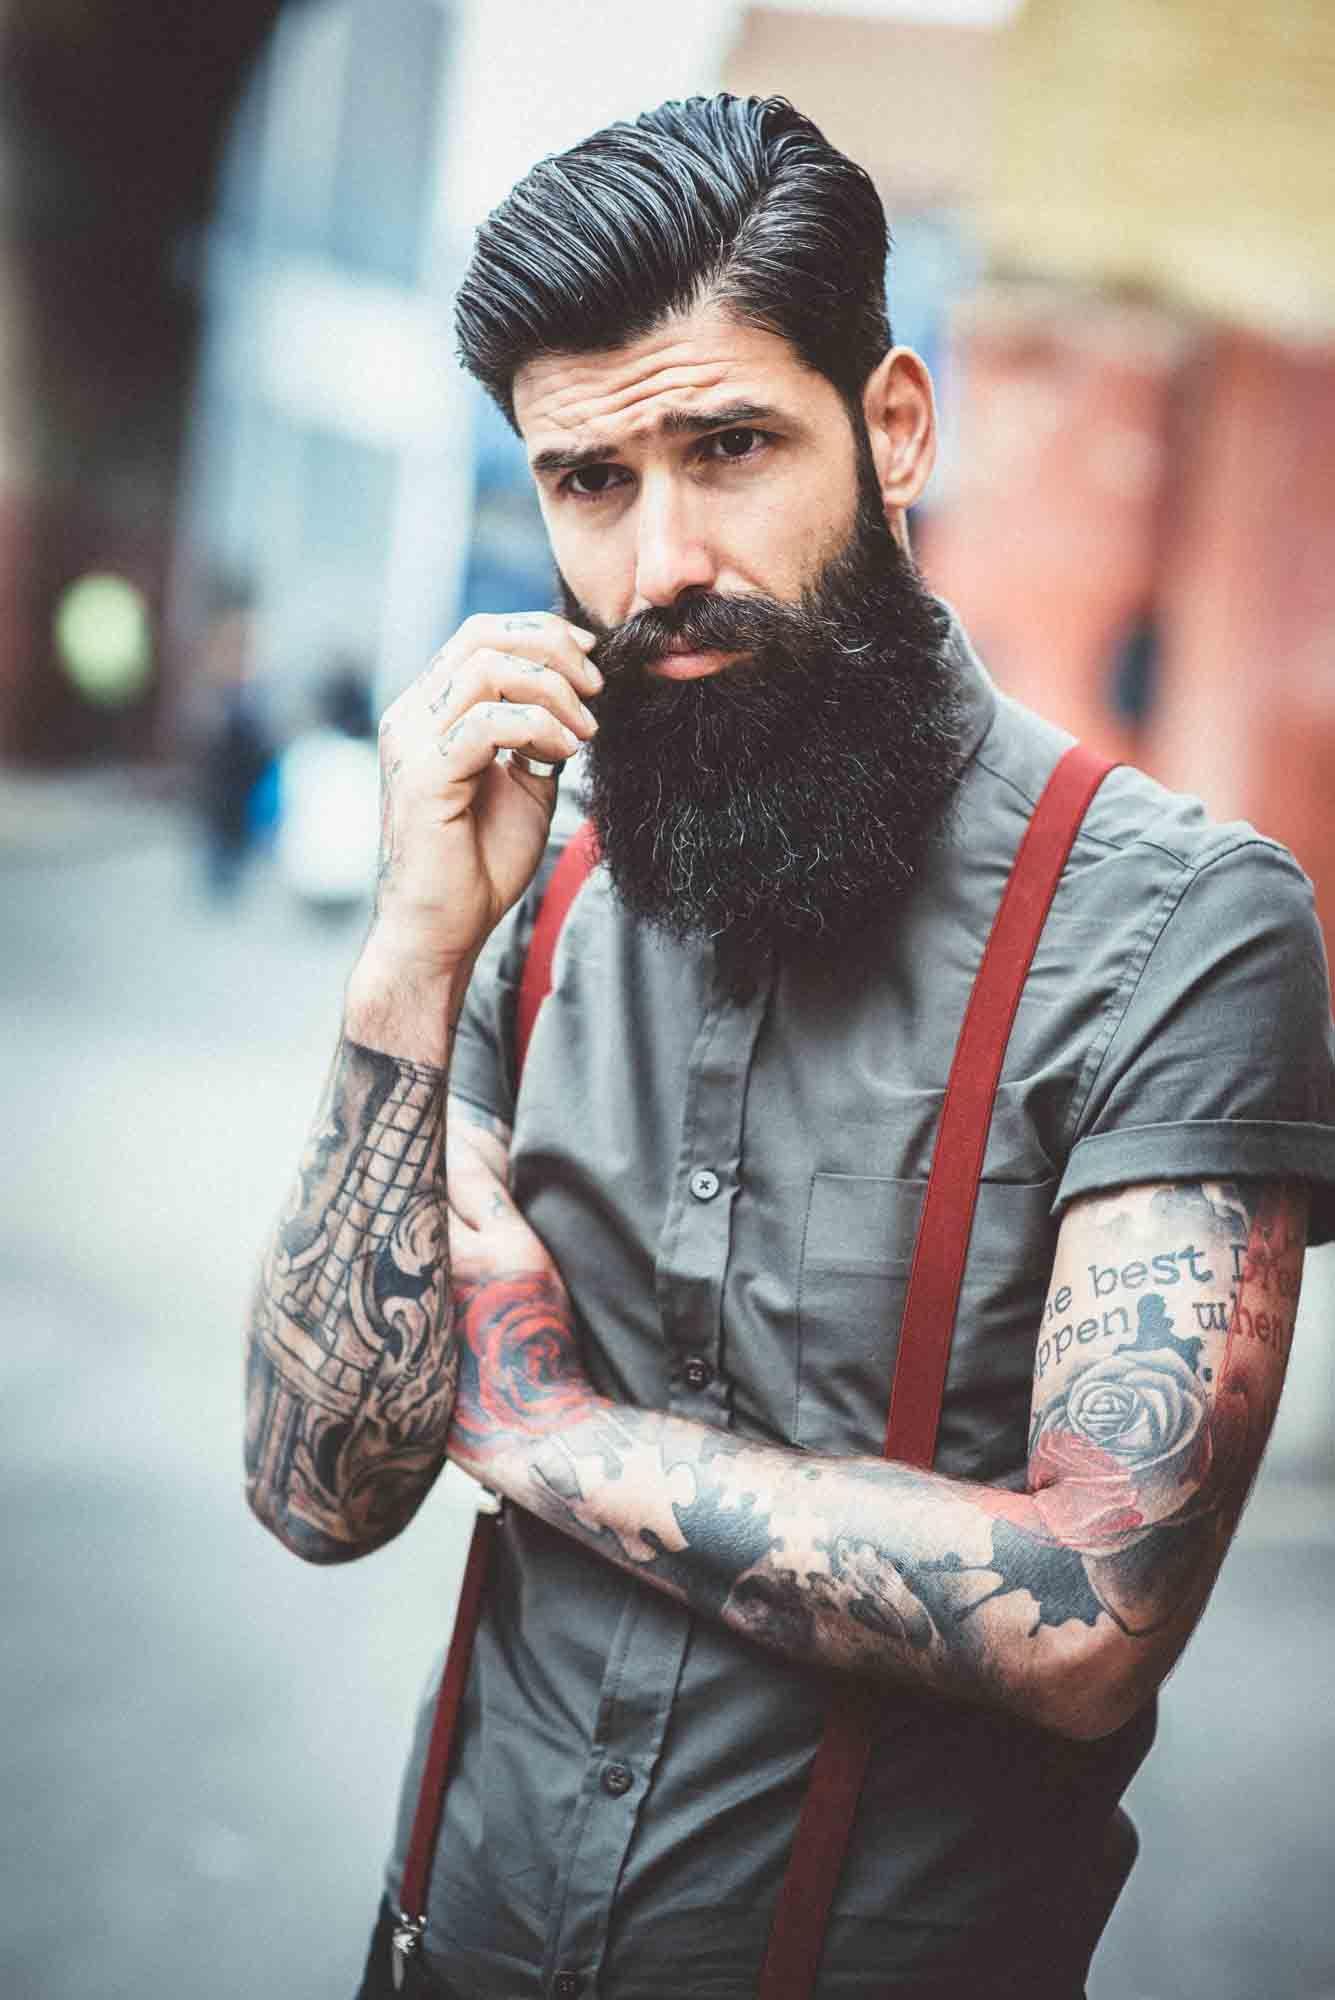 train your beard